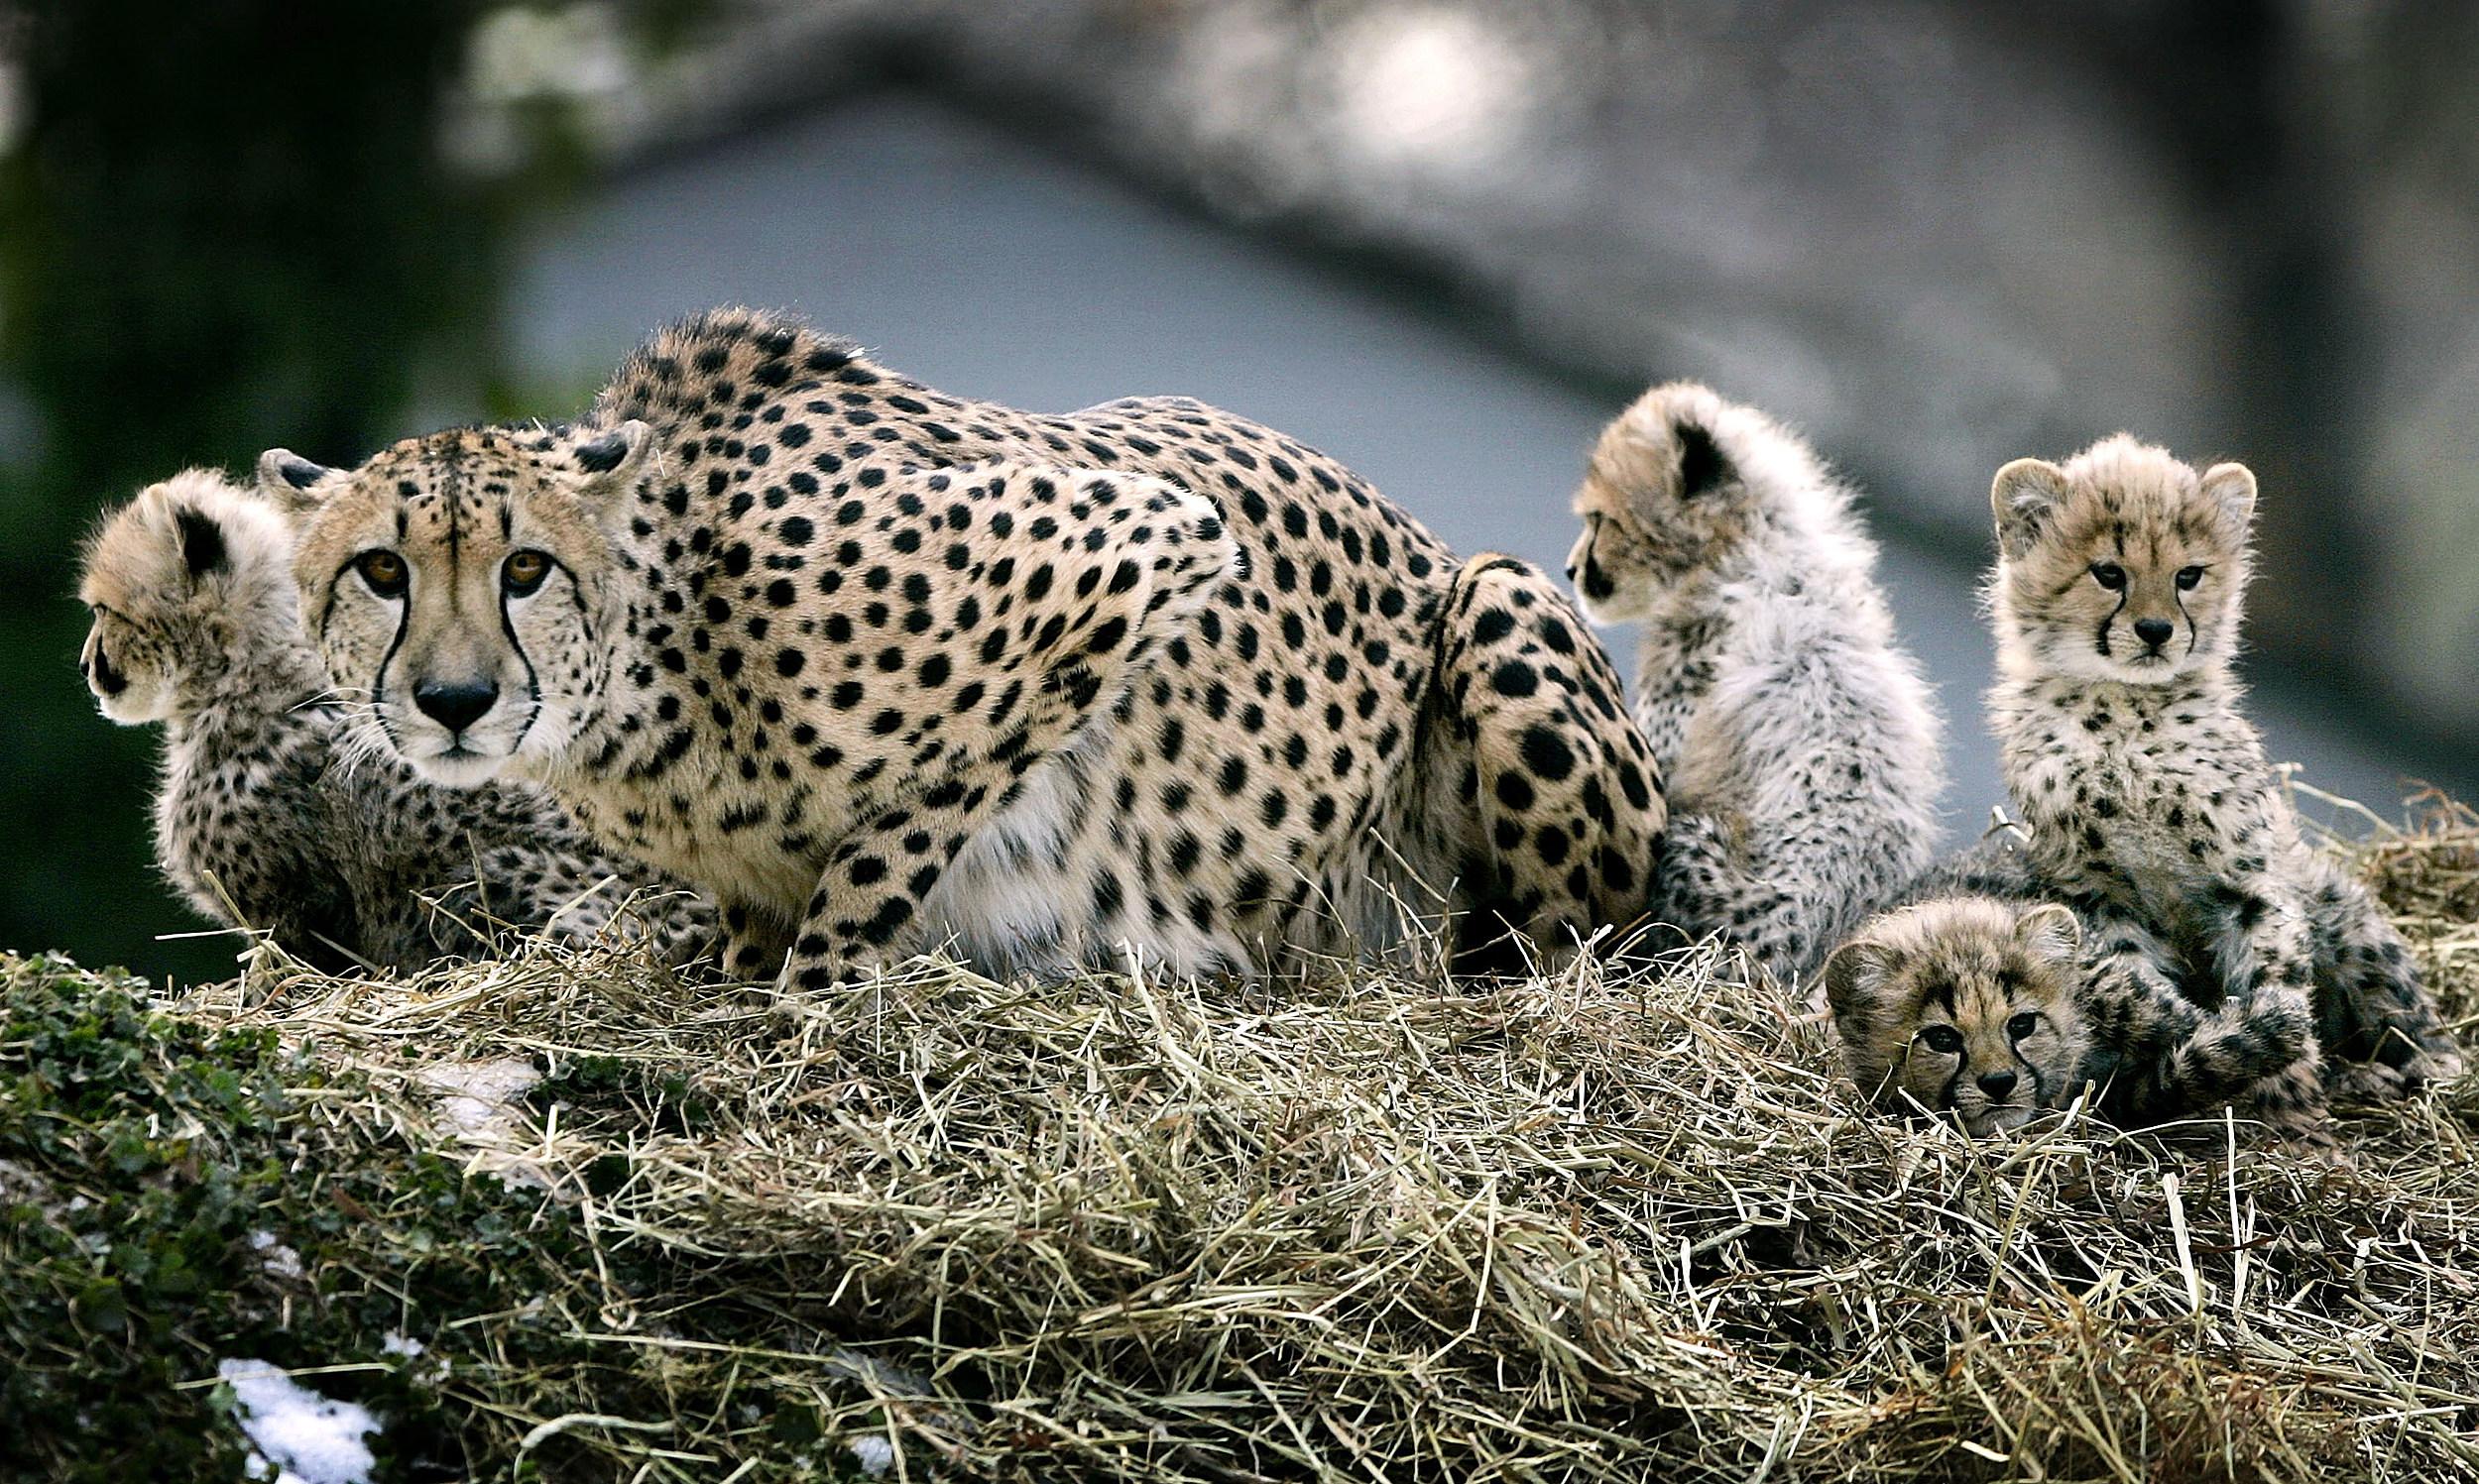 Cheetah Cubs Make Their Debut At National Zoo